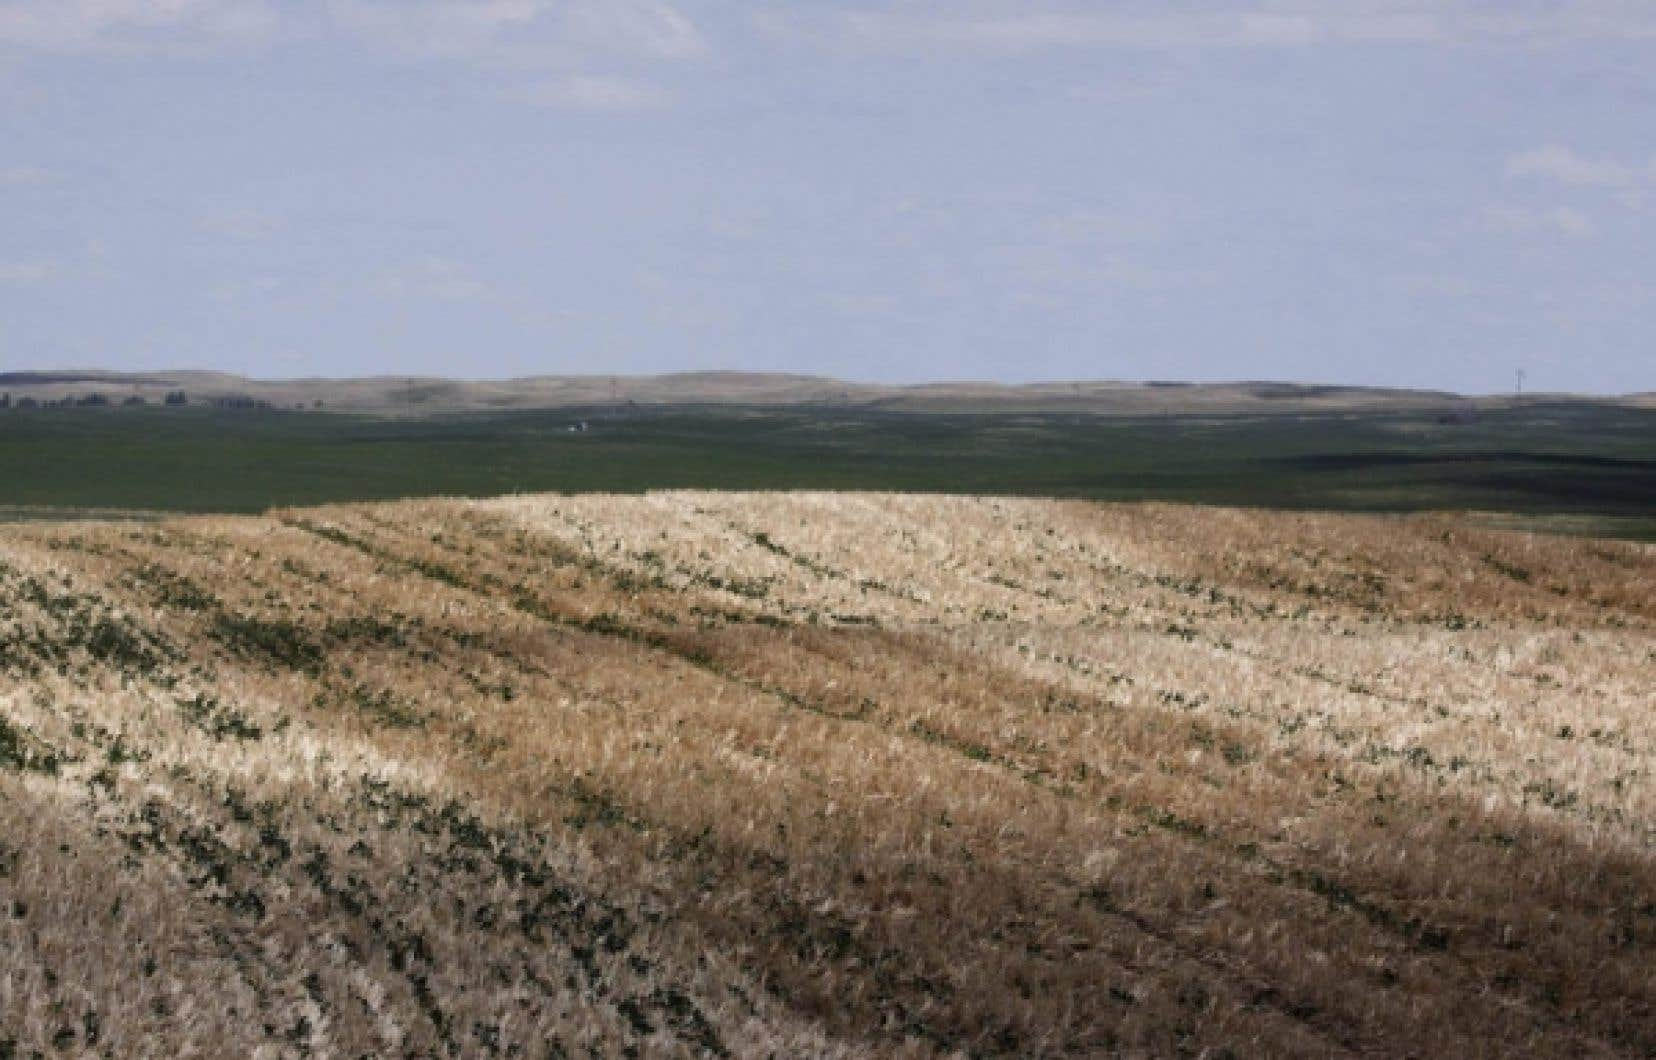 La Table ronde nationale sur l'économie et l'environnement estime que le Canada n'est pas très avancé malgré les effets déjà apparents des changements climatiques, comme les sécheresses dans les Prairies.<br />